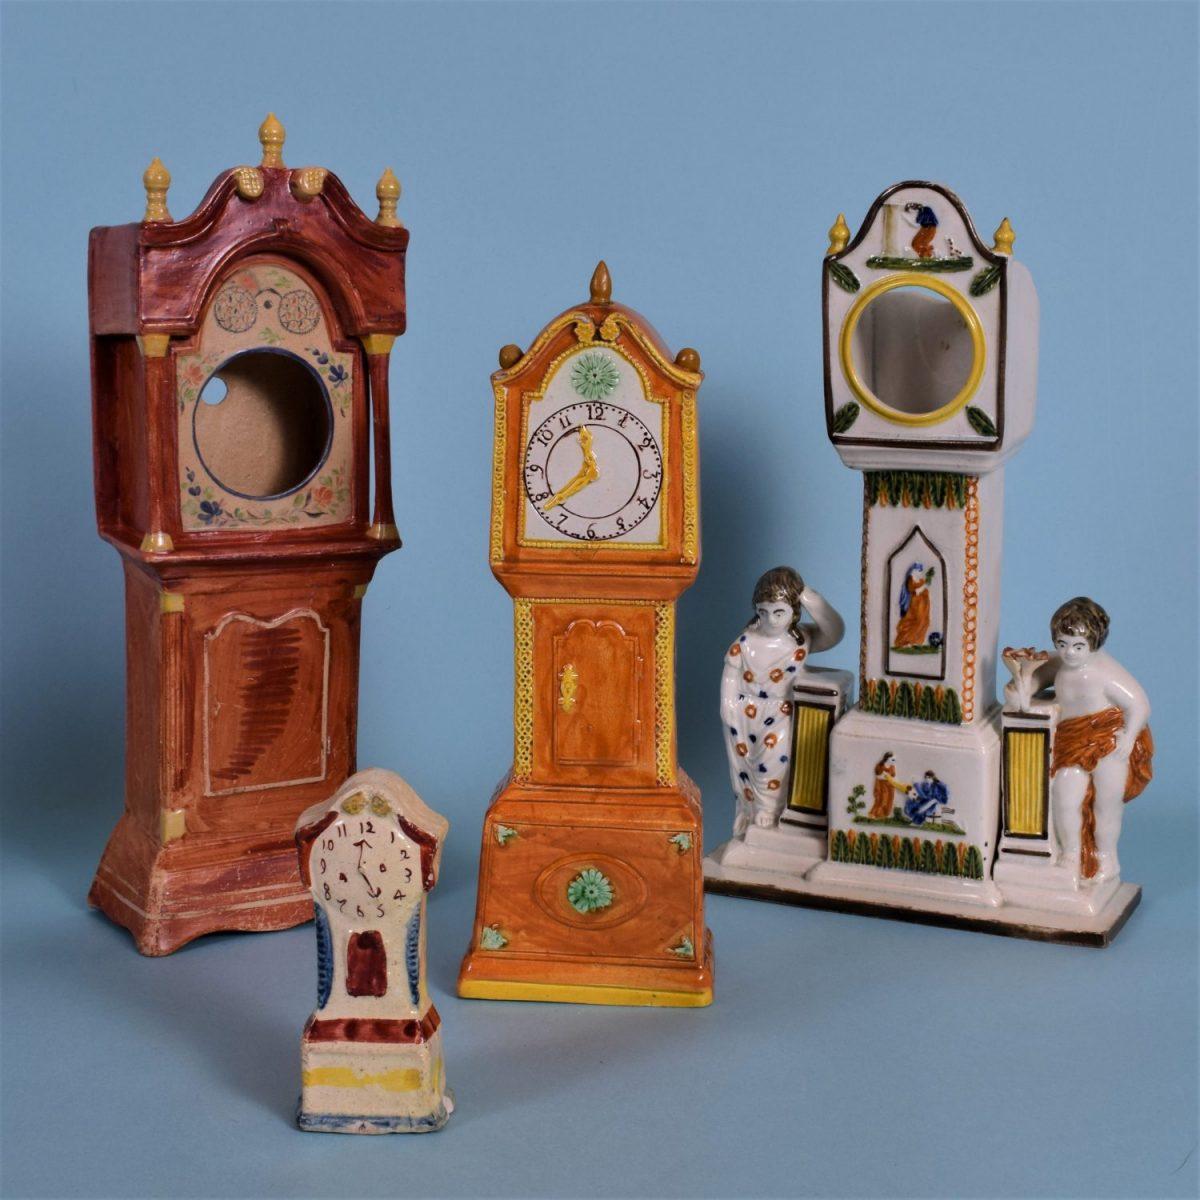 5. English Pottery